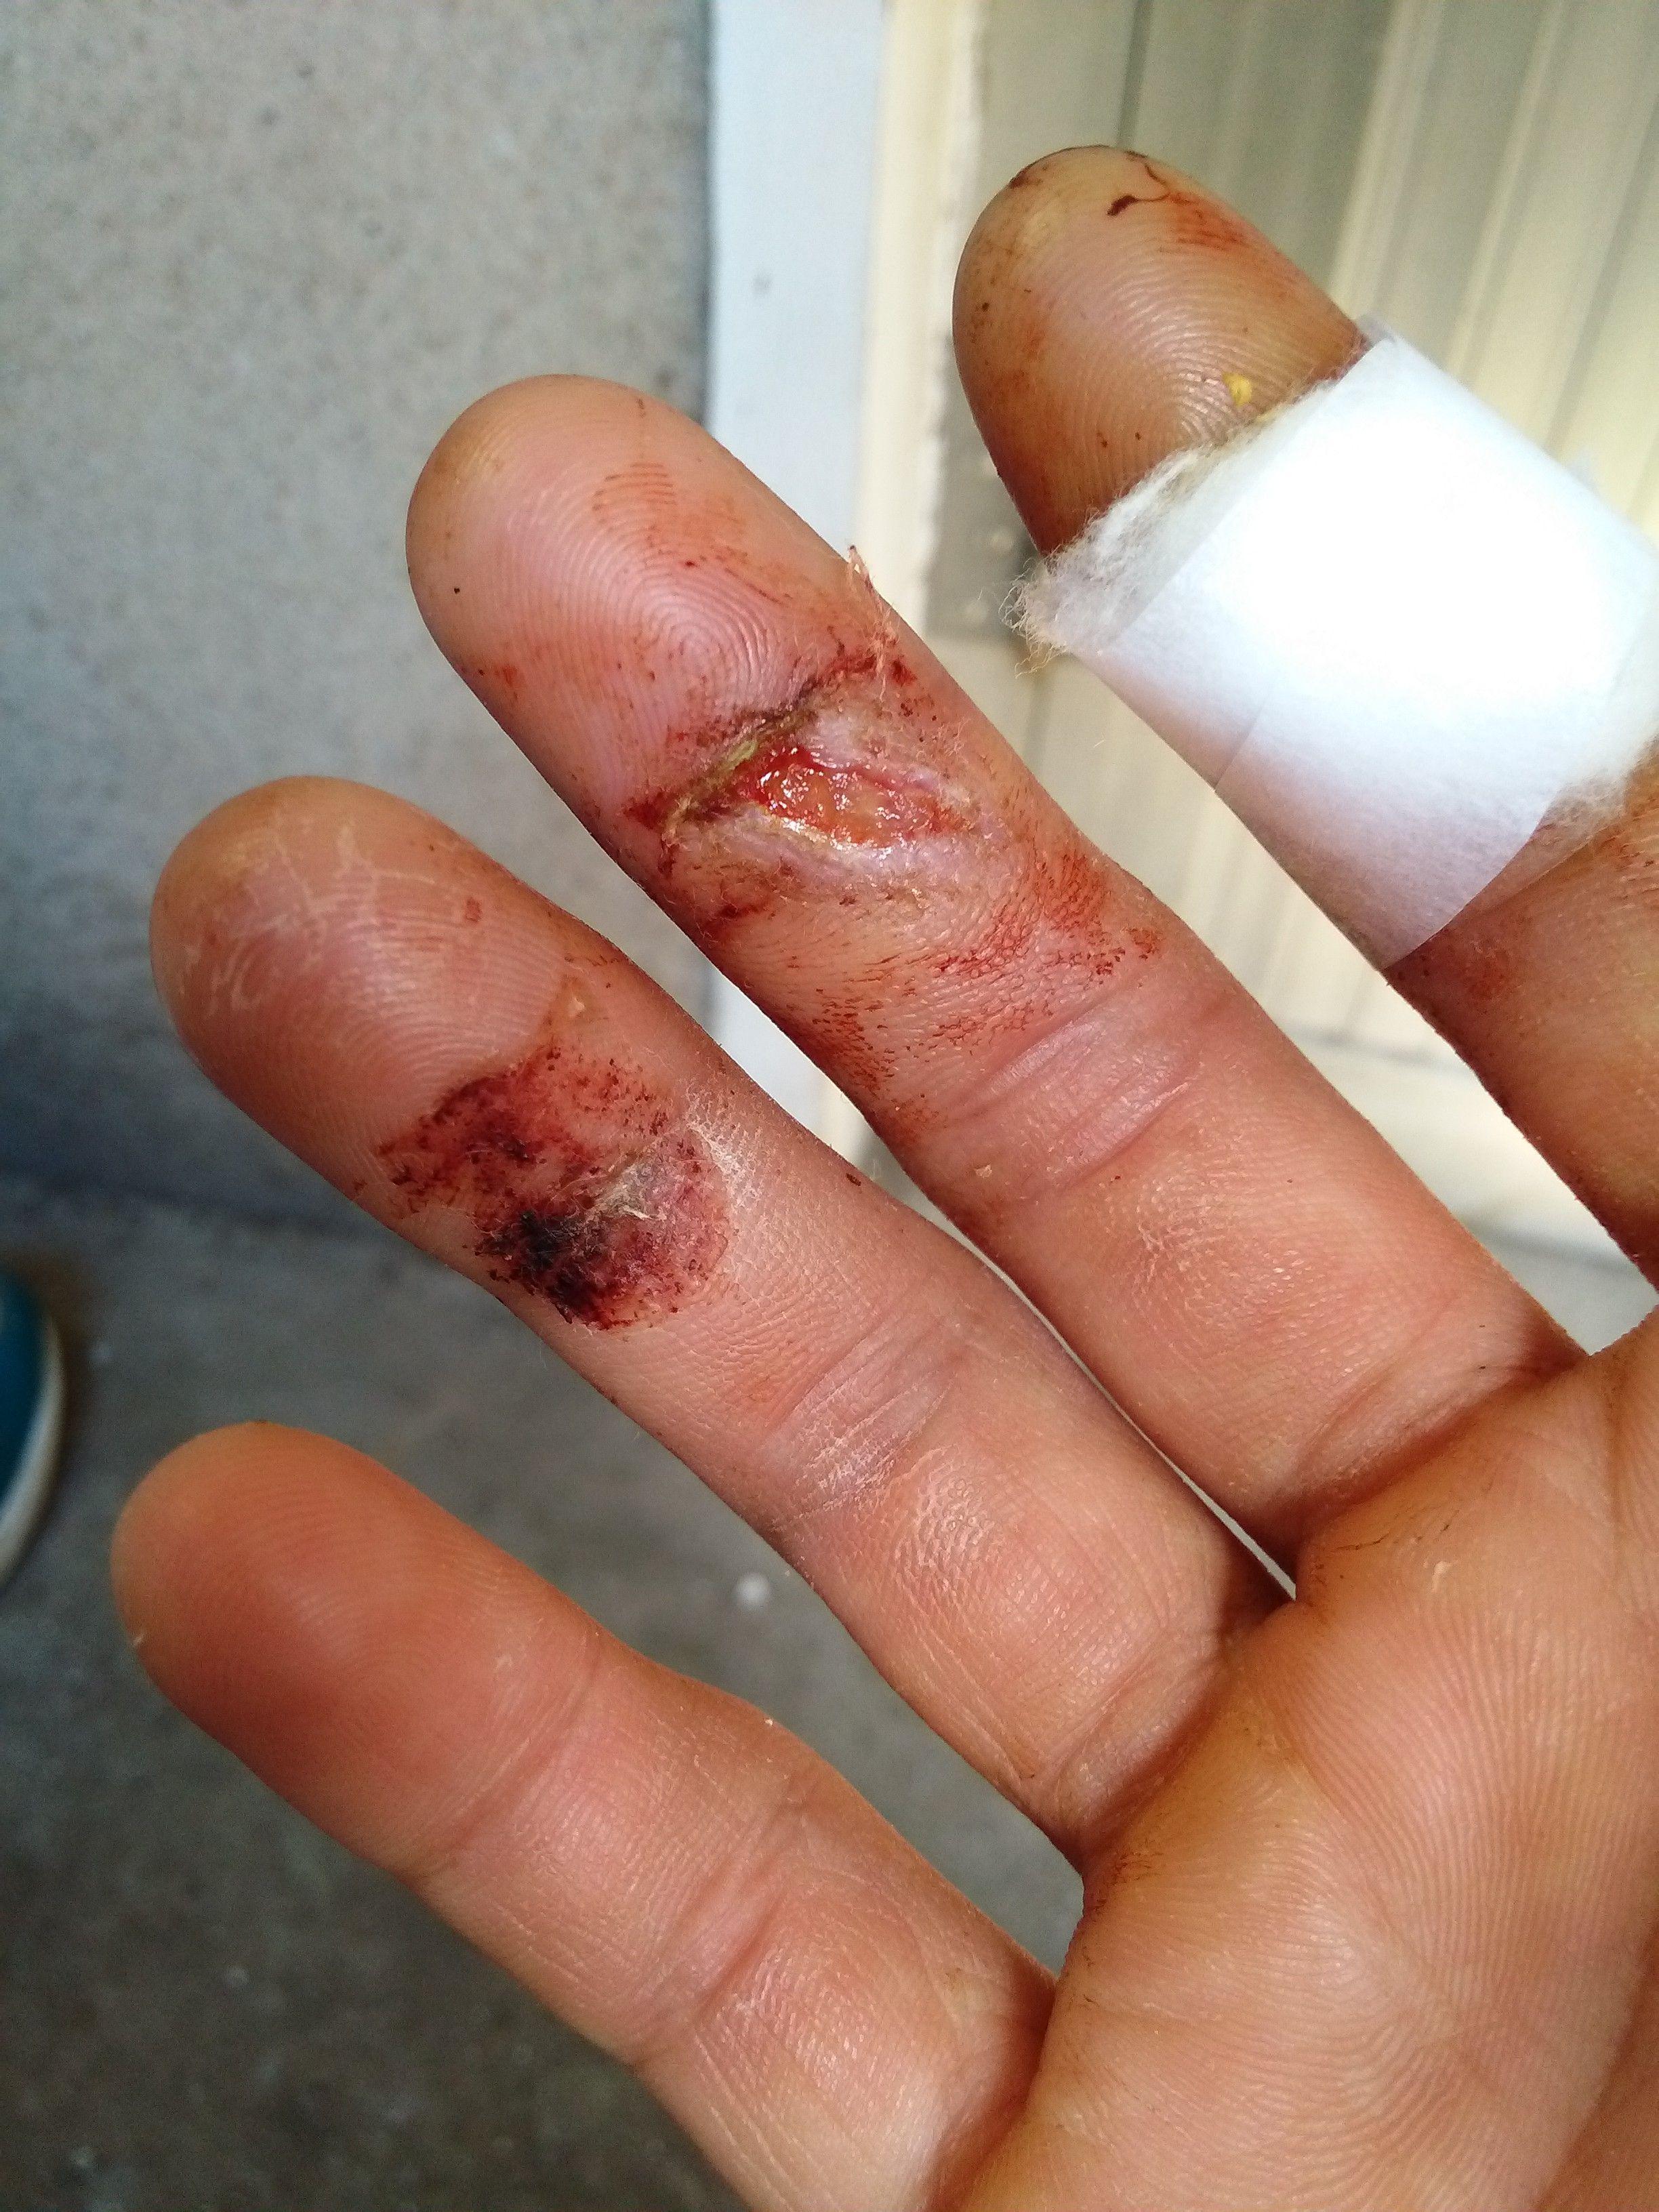 手指被压伤两天了 现在指甲根部肿胀 已经游离了 有疼痛感觉 半个指甲图片